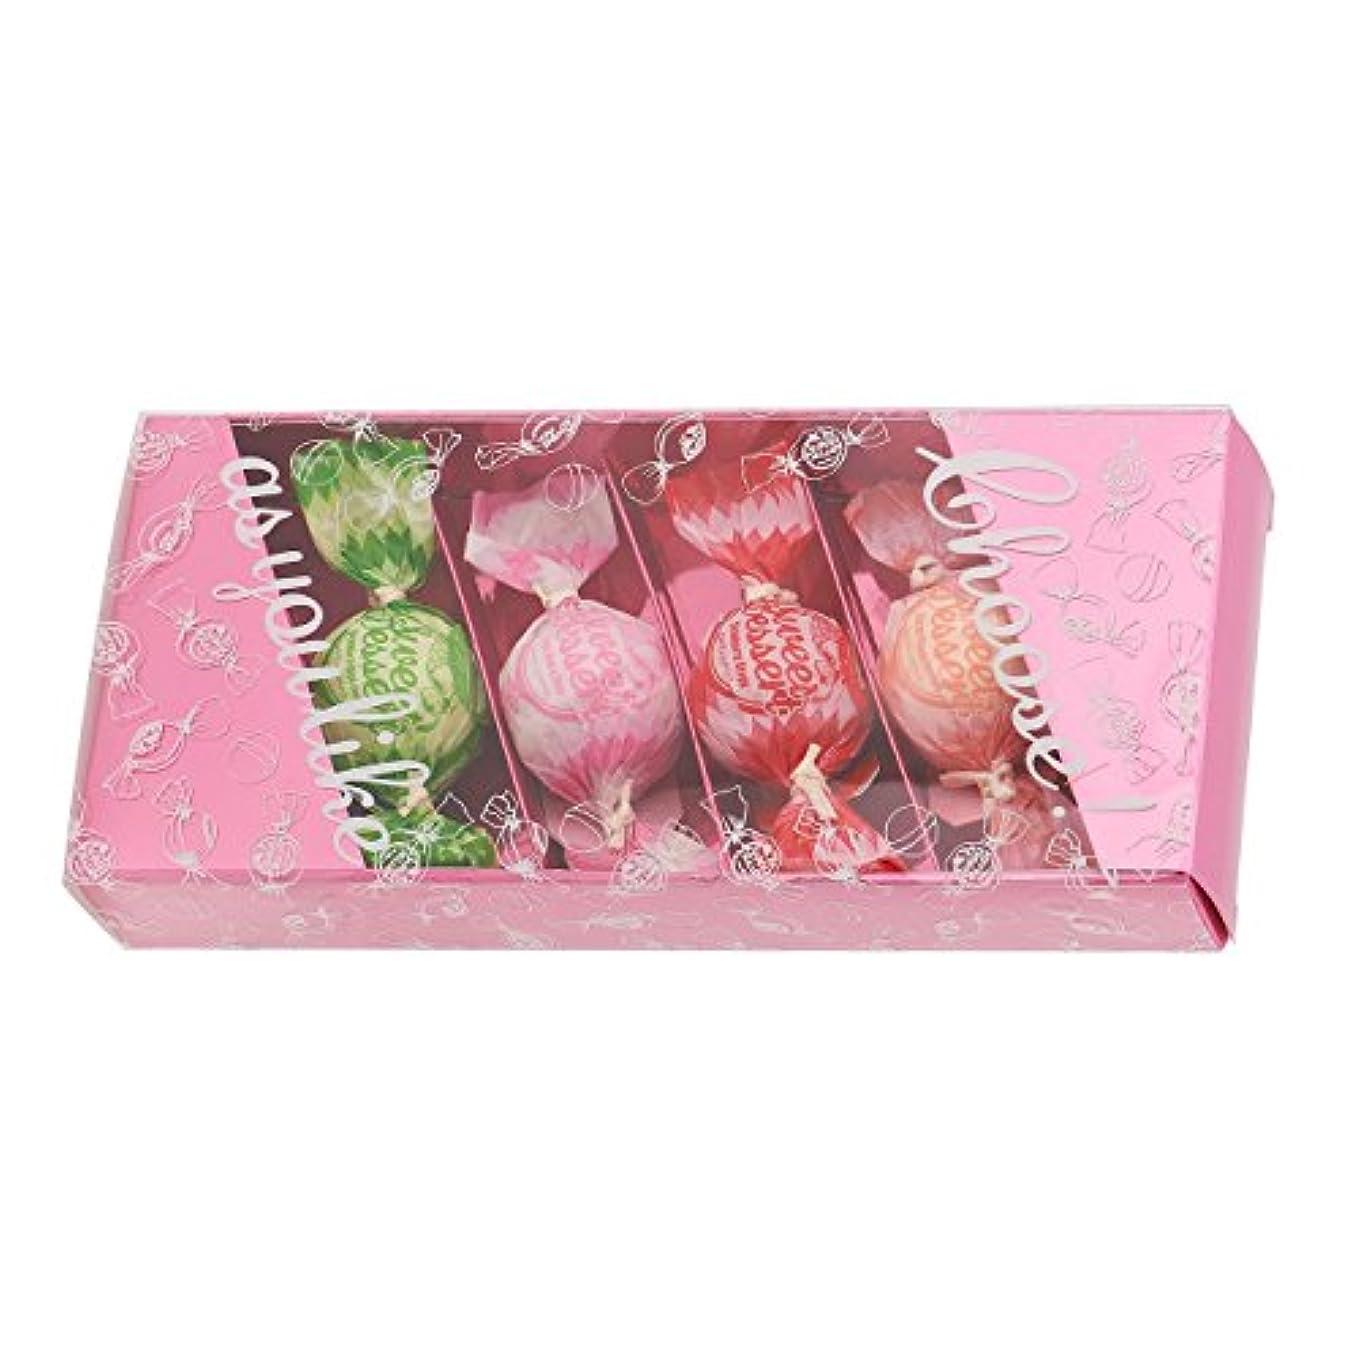 留まる怠けたアルファベット順アマイワナ バスキャンディー4粒ギフトセット(35g×4個) ピンク(発泡タイプ入浴料 バスギフト)